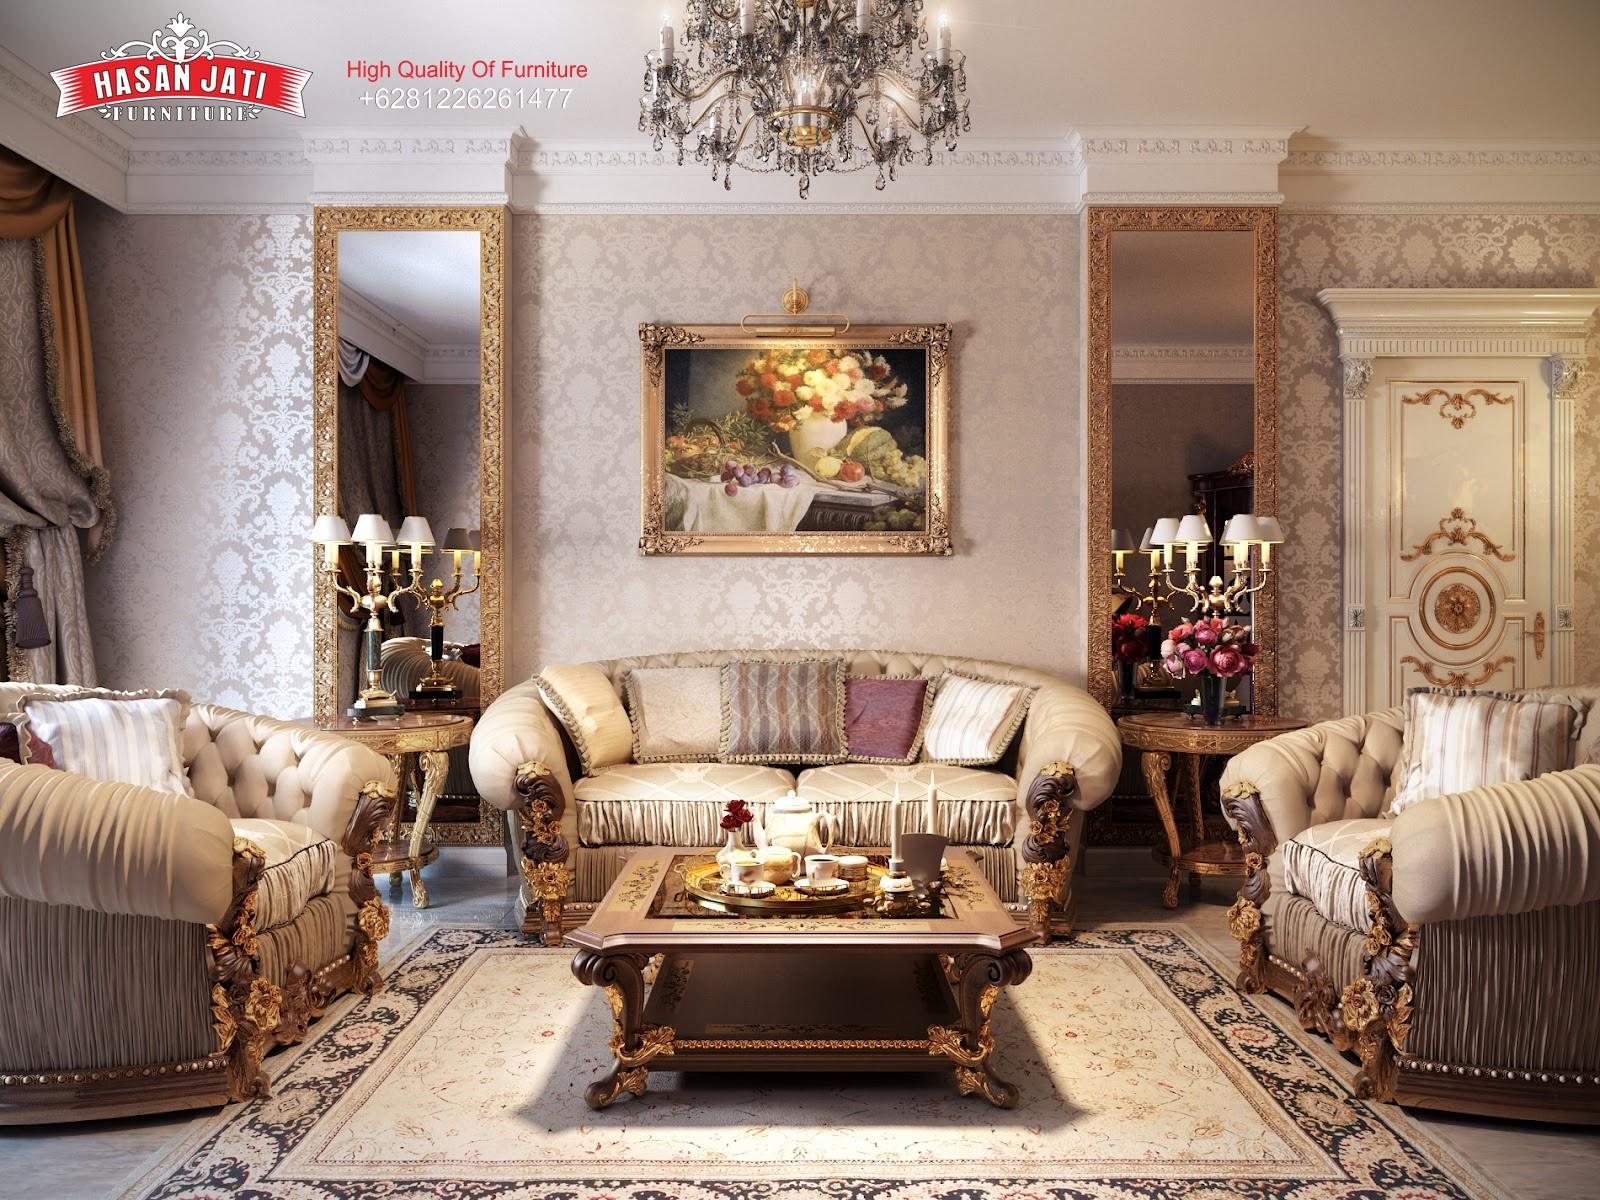 Kursi Sofa Klasik Ruang Keluarga, Jual Sofa Ruang Keluarga Mewah, Set Sofa Tamu Klasik Mewah, Harga Sofa Ruang Tamu Jati Ukir Mewah, Model Terbaru Sofa Tamu Jati Mewah Ukiran